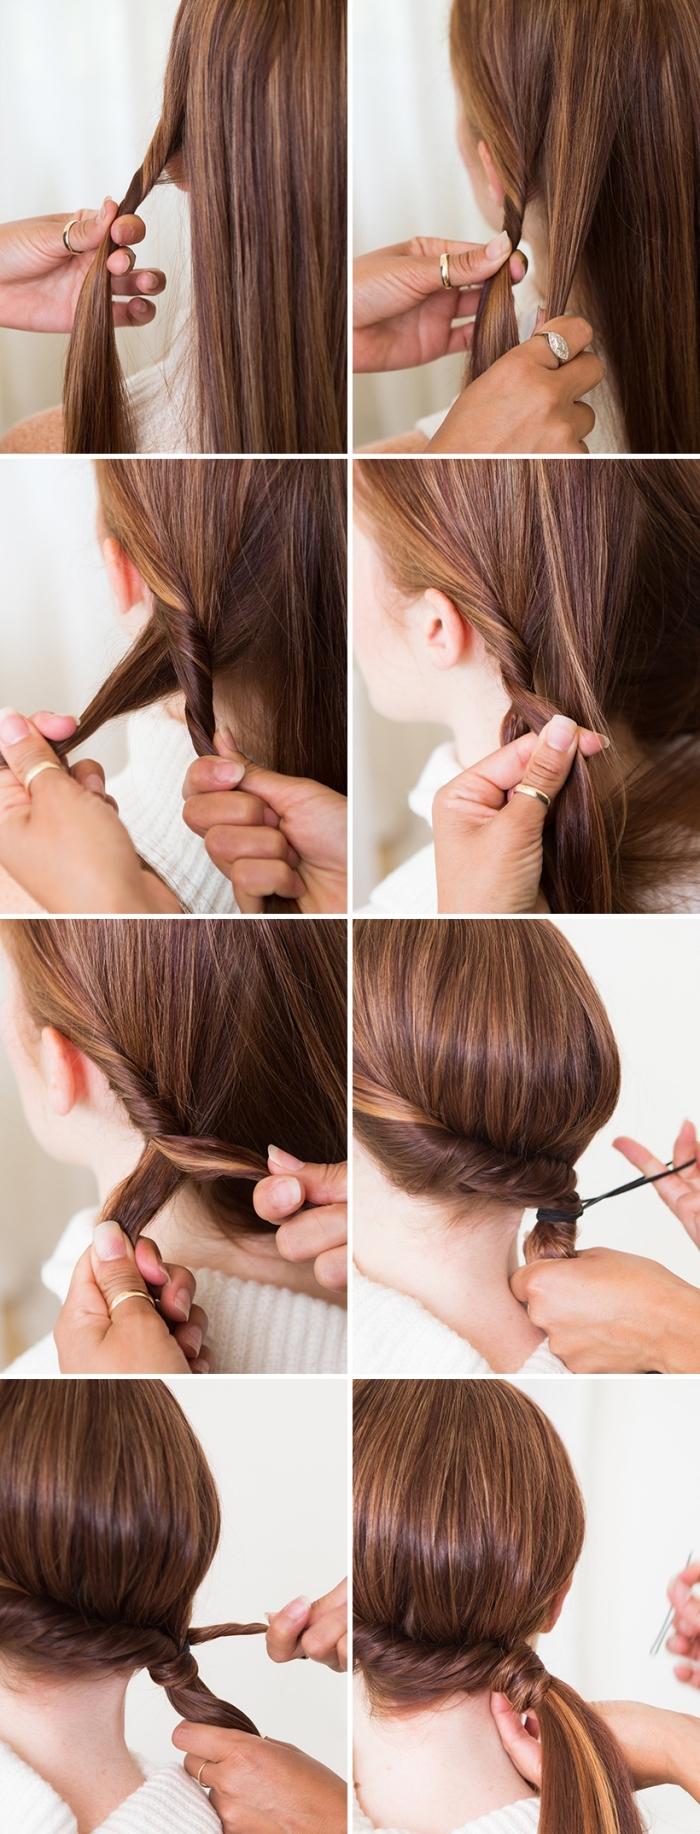 mèches de cheveux entortillées pour réaliser une coiffure facile cheveux long, tuto queue de cheval de coté